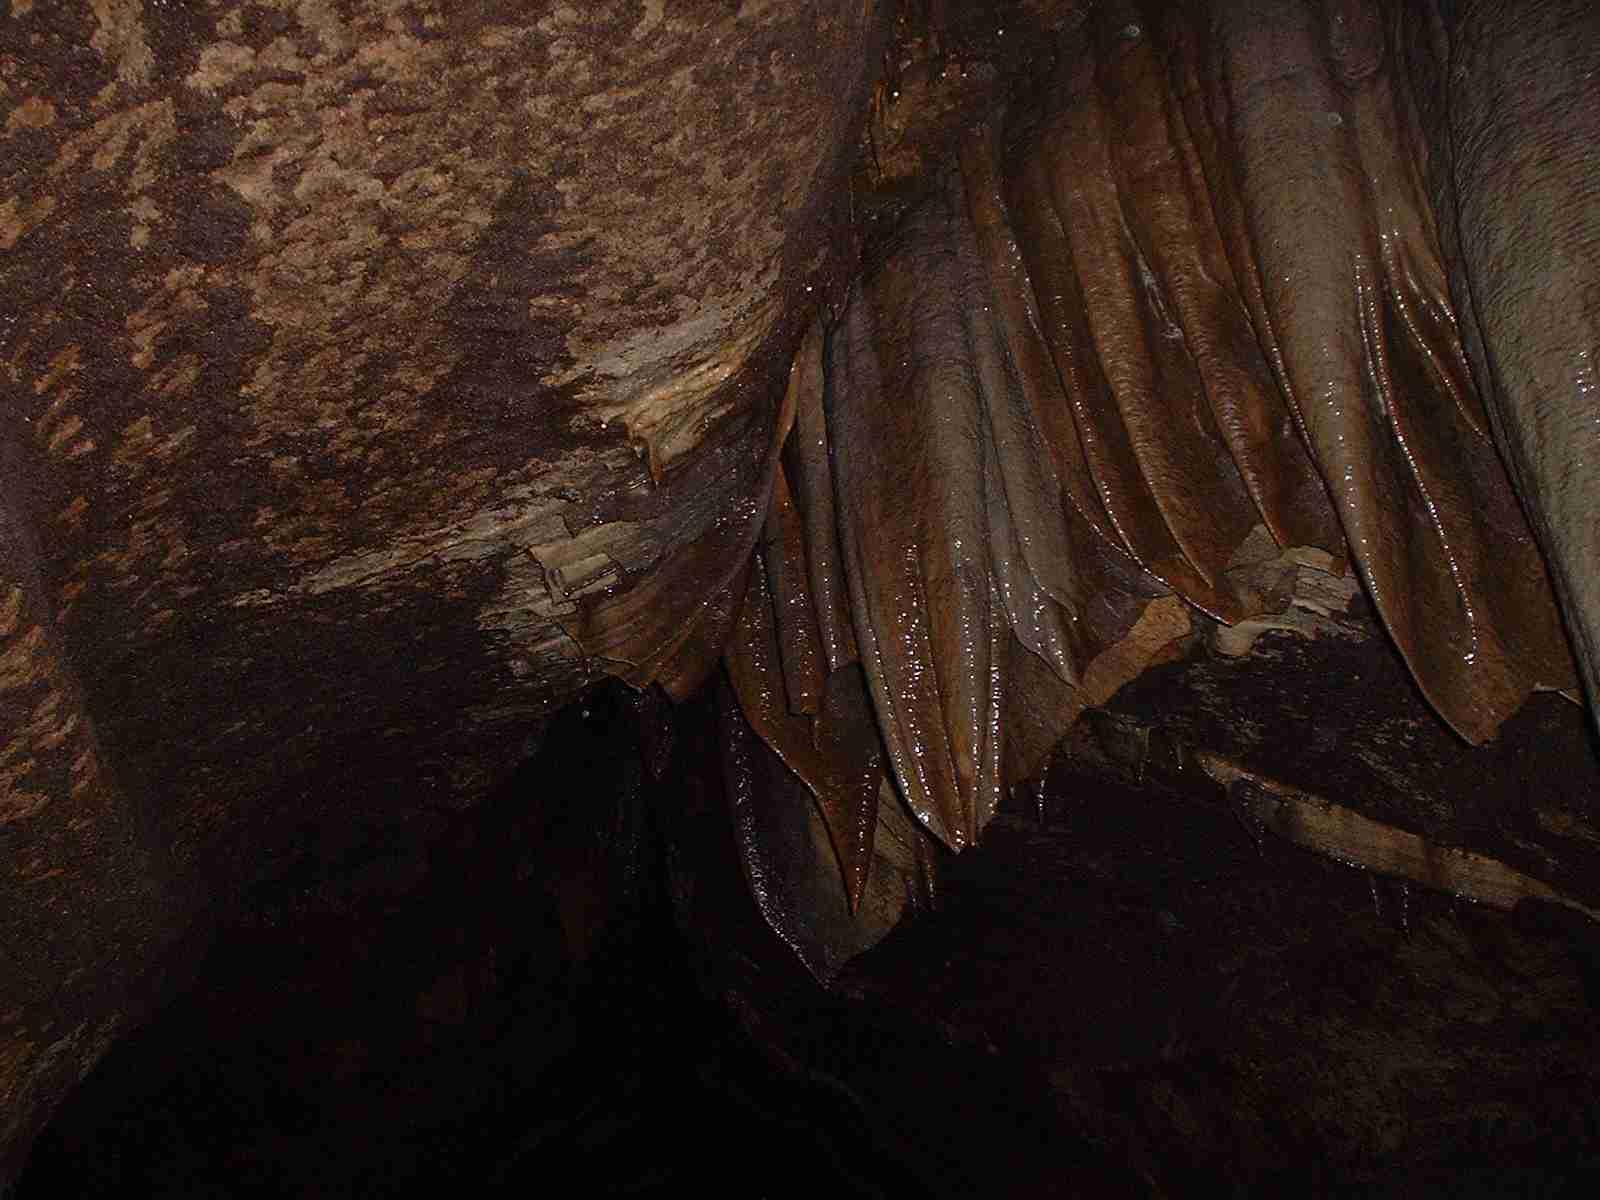 Iron-rich stalactites